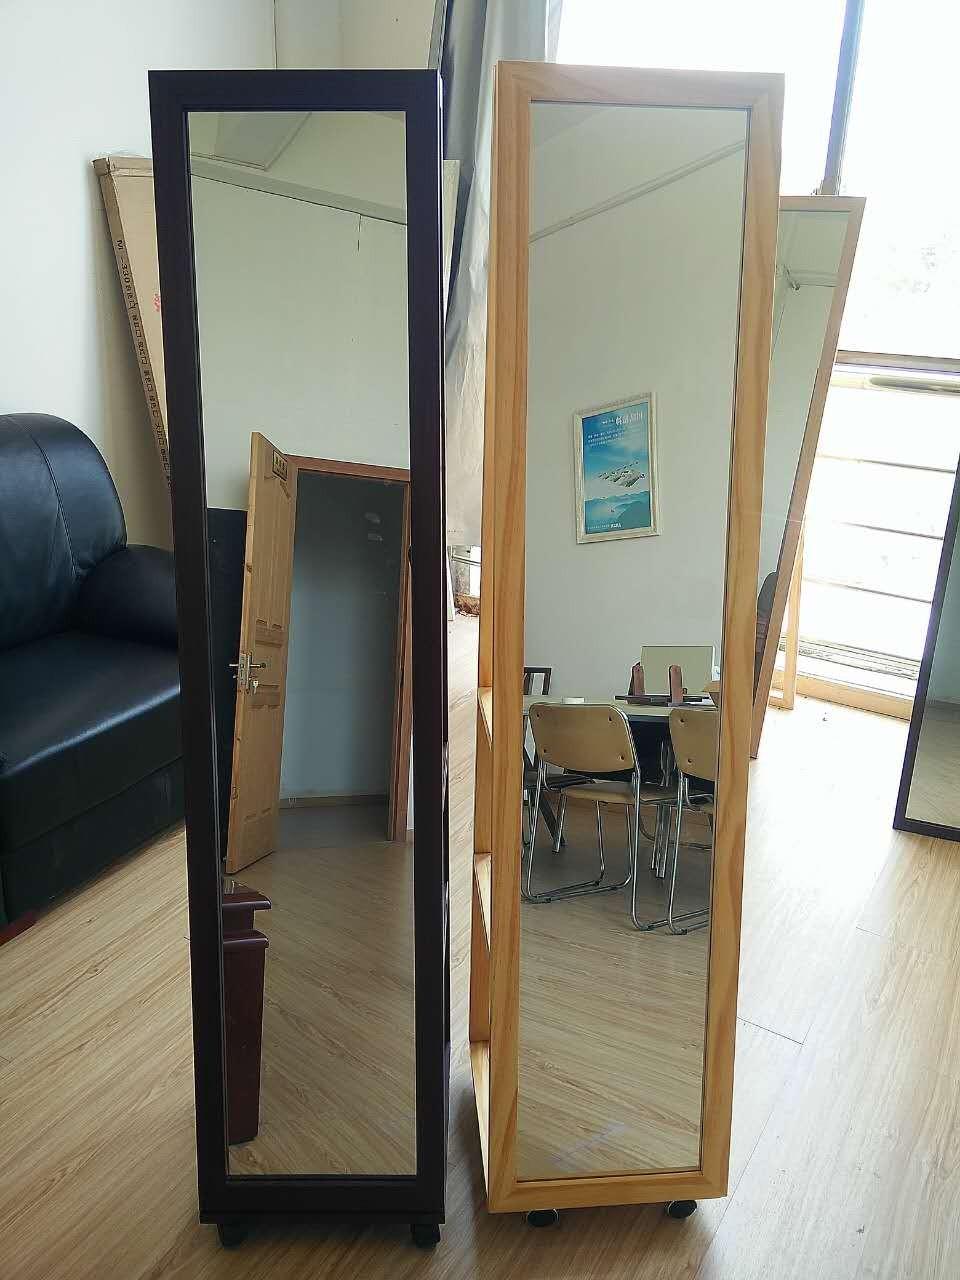 De Almacenamiento De Pie Muebles Espejo Con Ruedas Buy Product  # Muebles Para Nivel Inicial